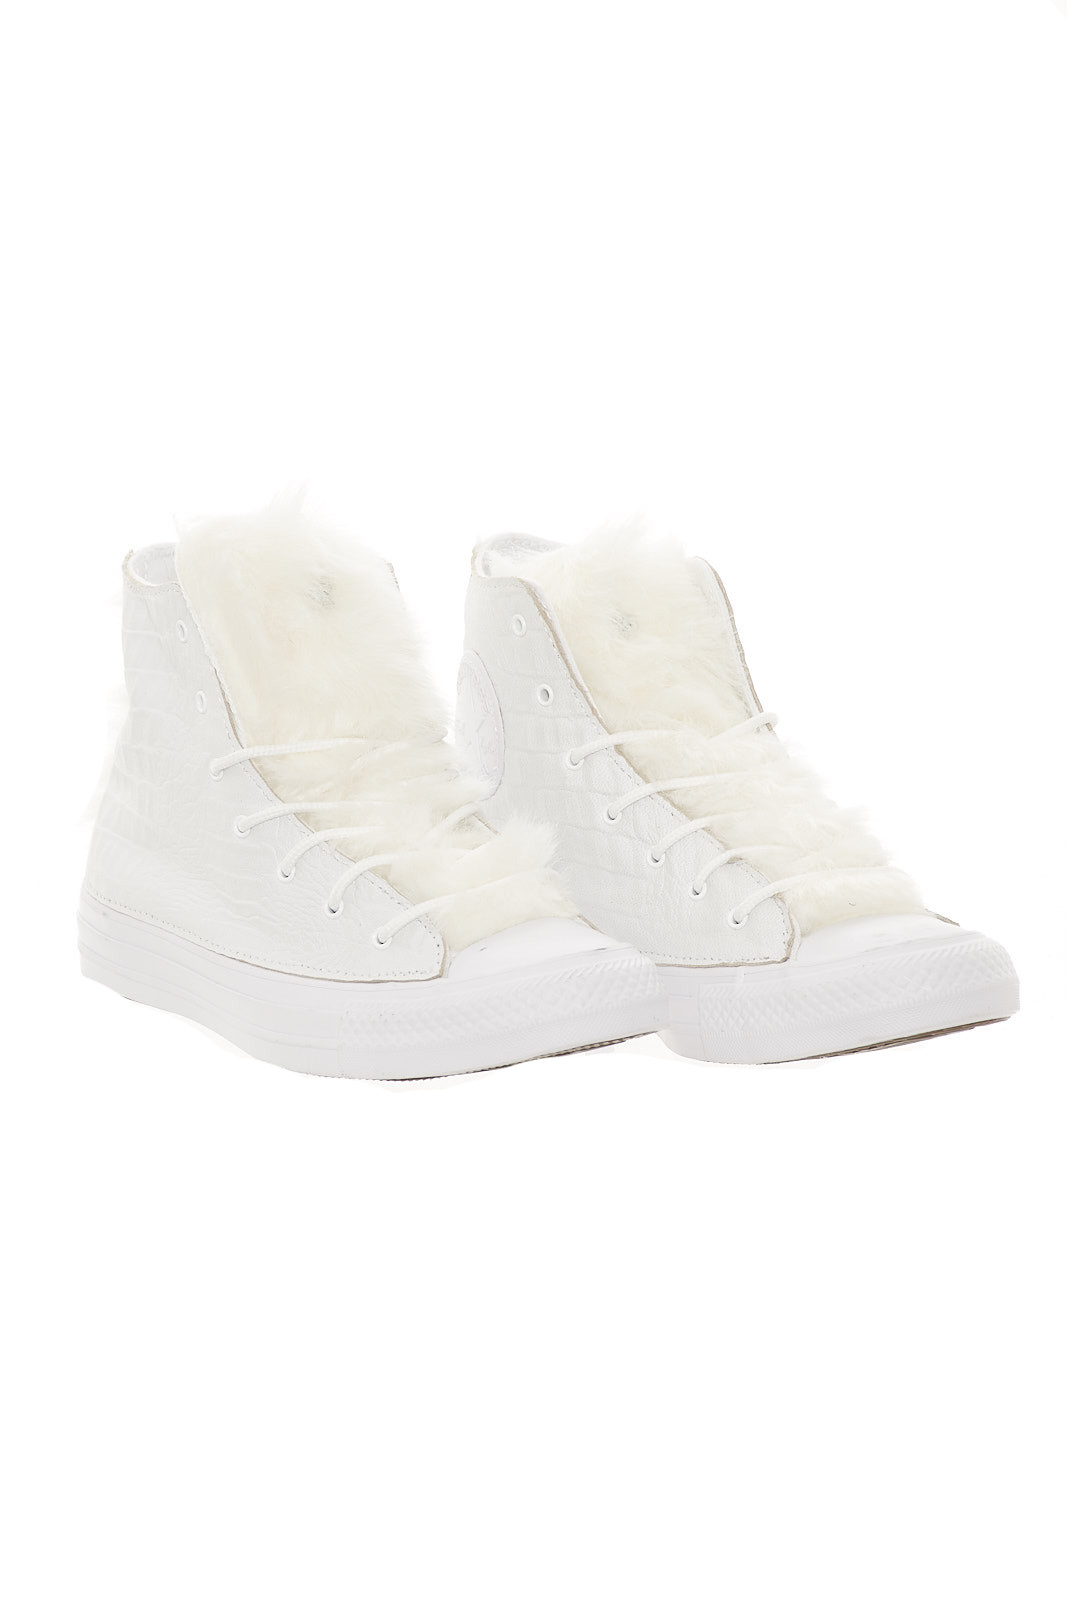 Converse CTAS CANVAS/LEATHER HI CANVAS/LEATHER CTAS LTD woman sneakers 7336e0